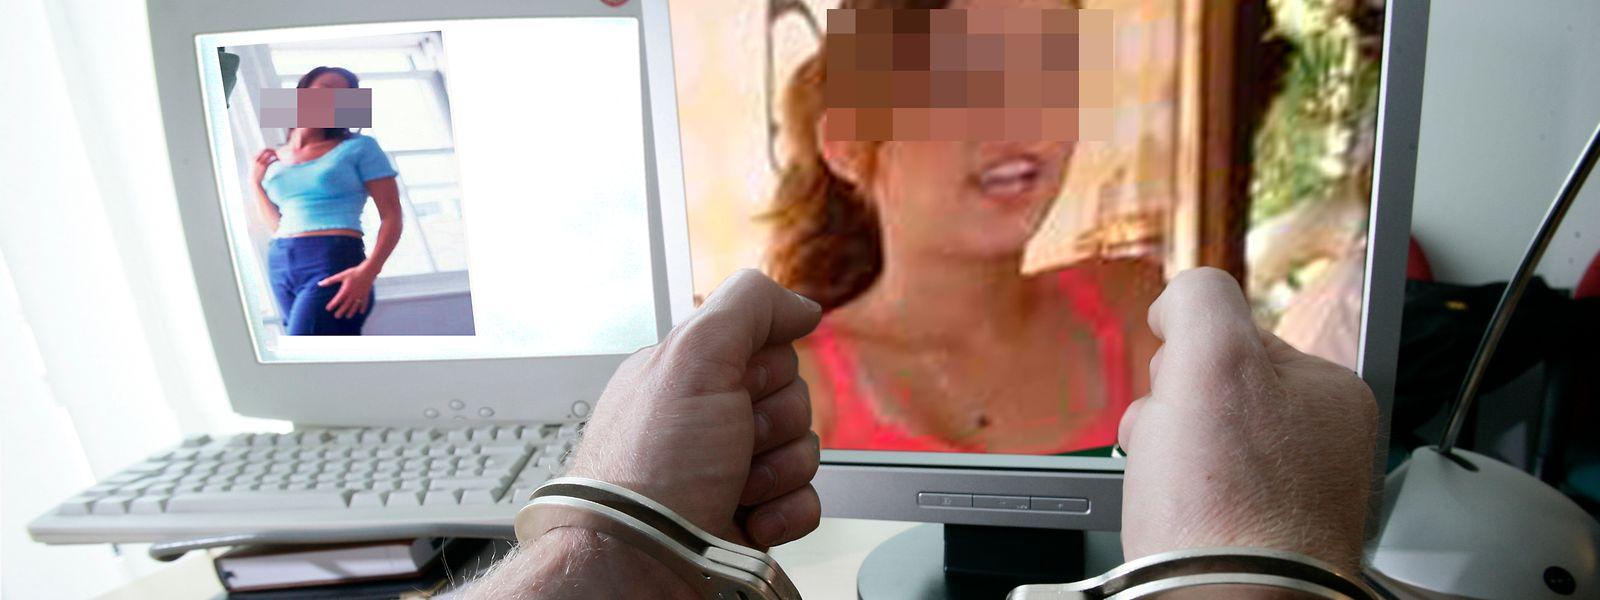 La police grand-ducale dispose de 13 enquêteurs s'occupant entre autres des infractions à connotation sexuelle commises sur des enfants.